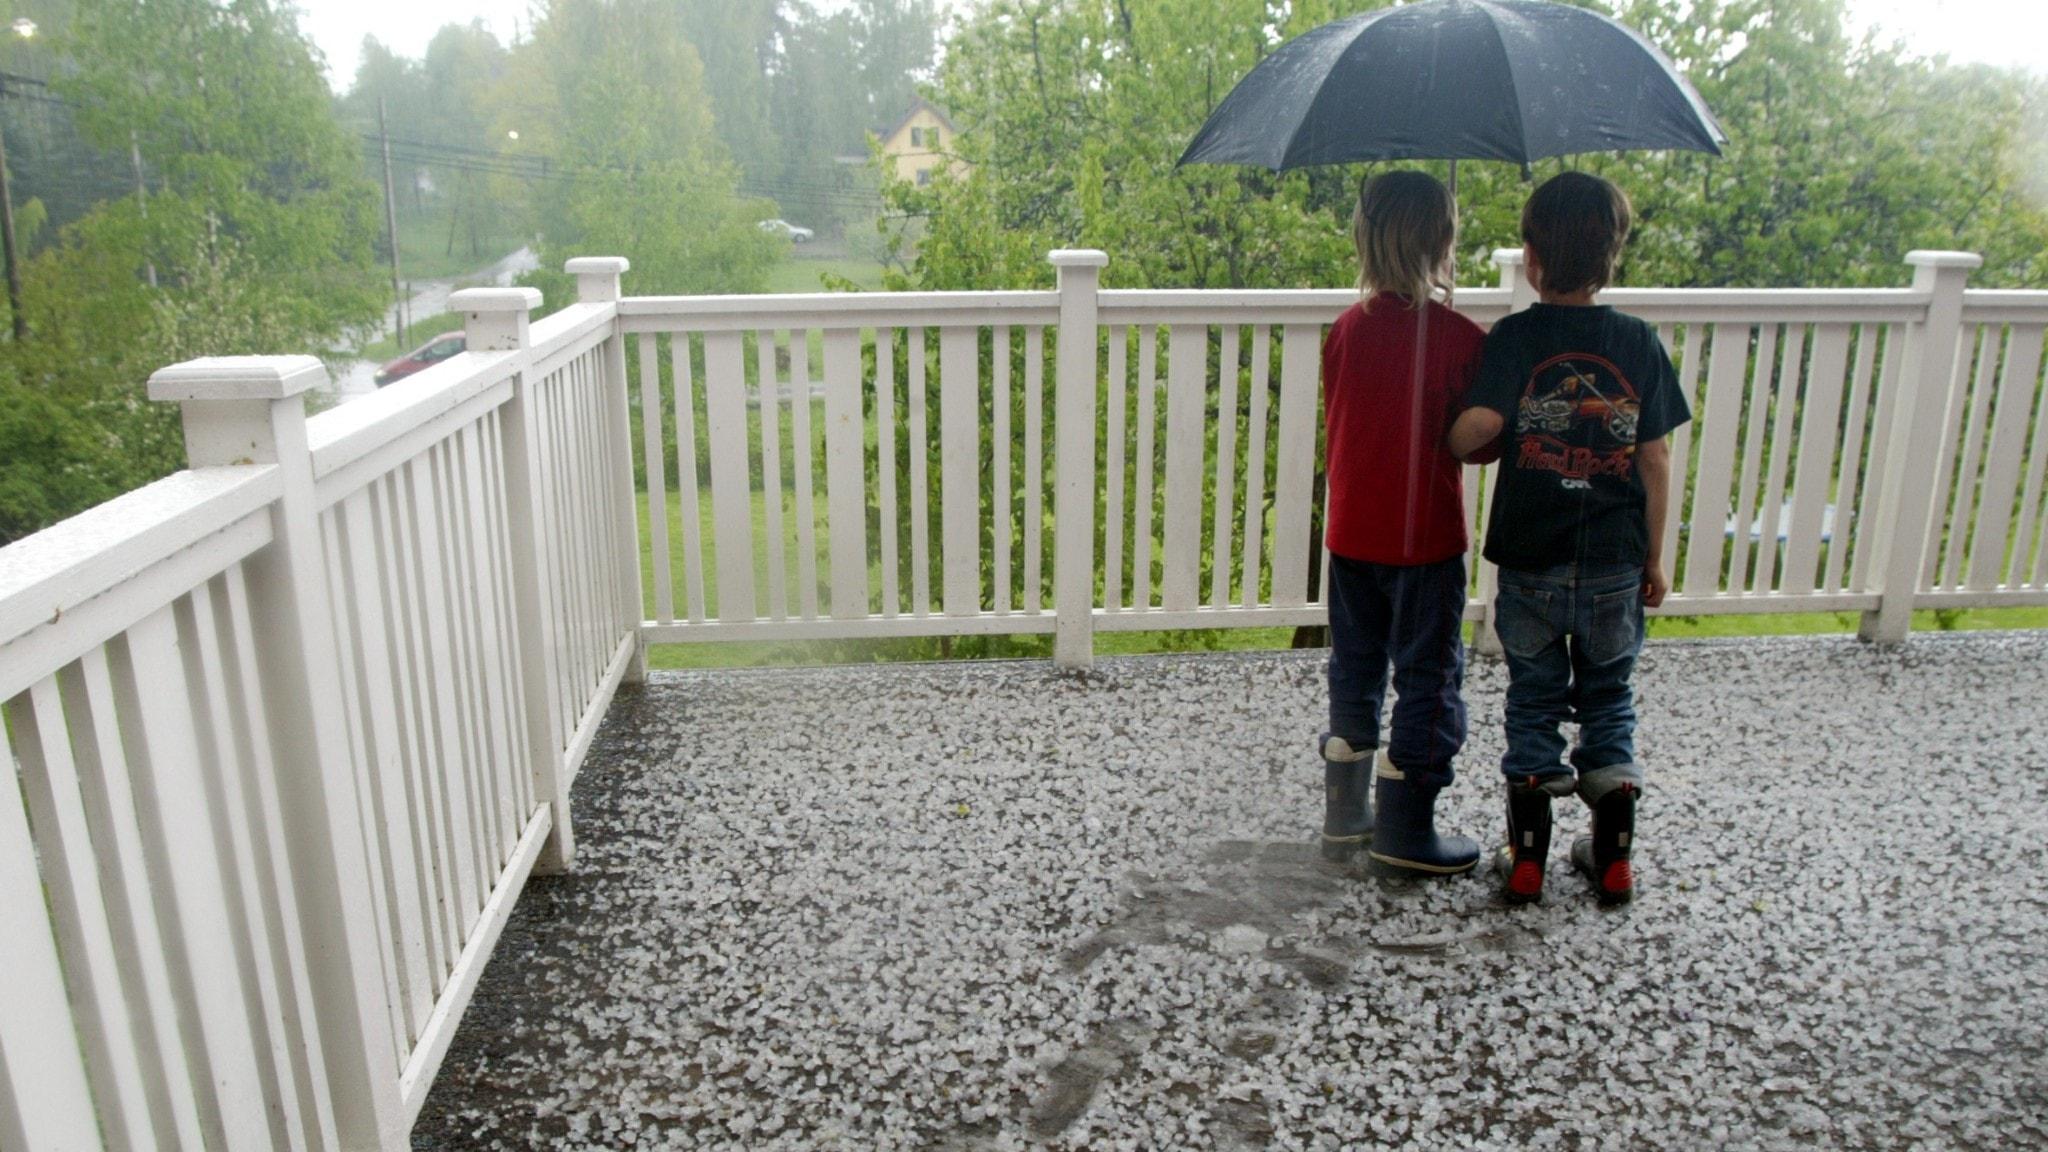 Två pojkar hukar under ett paraply under en hagelskur.